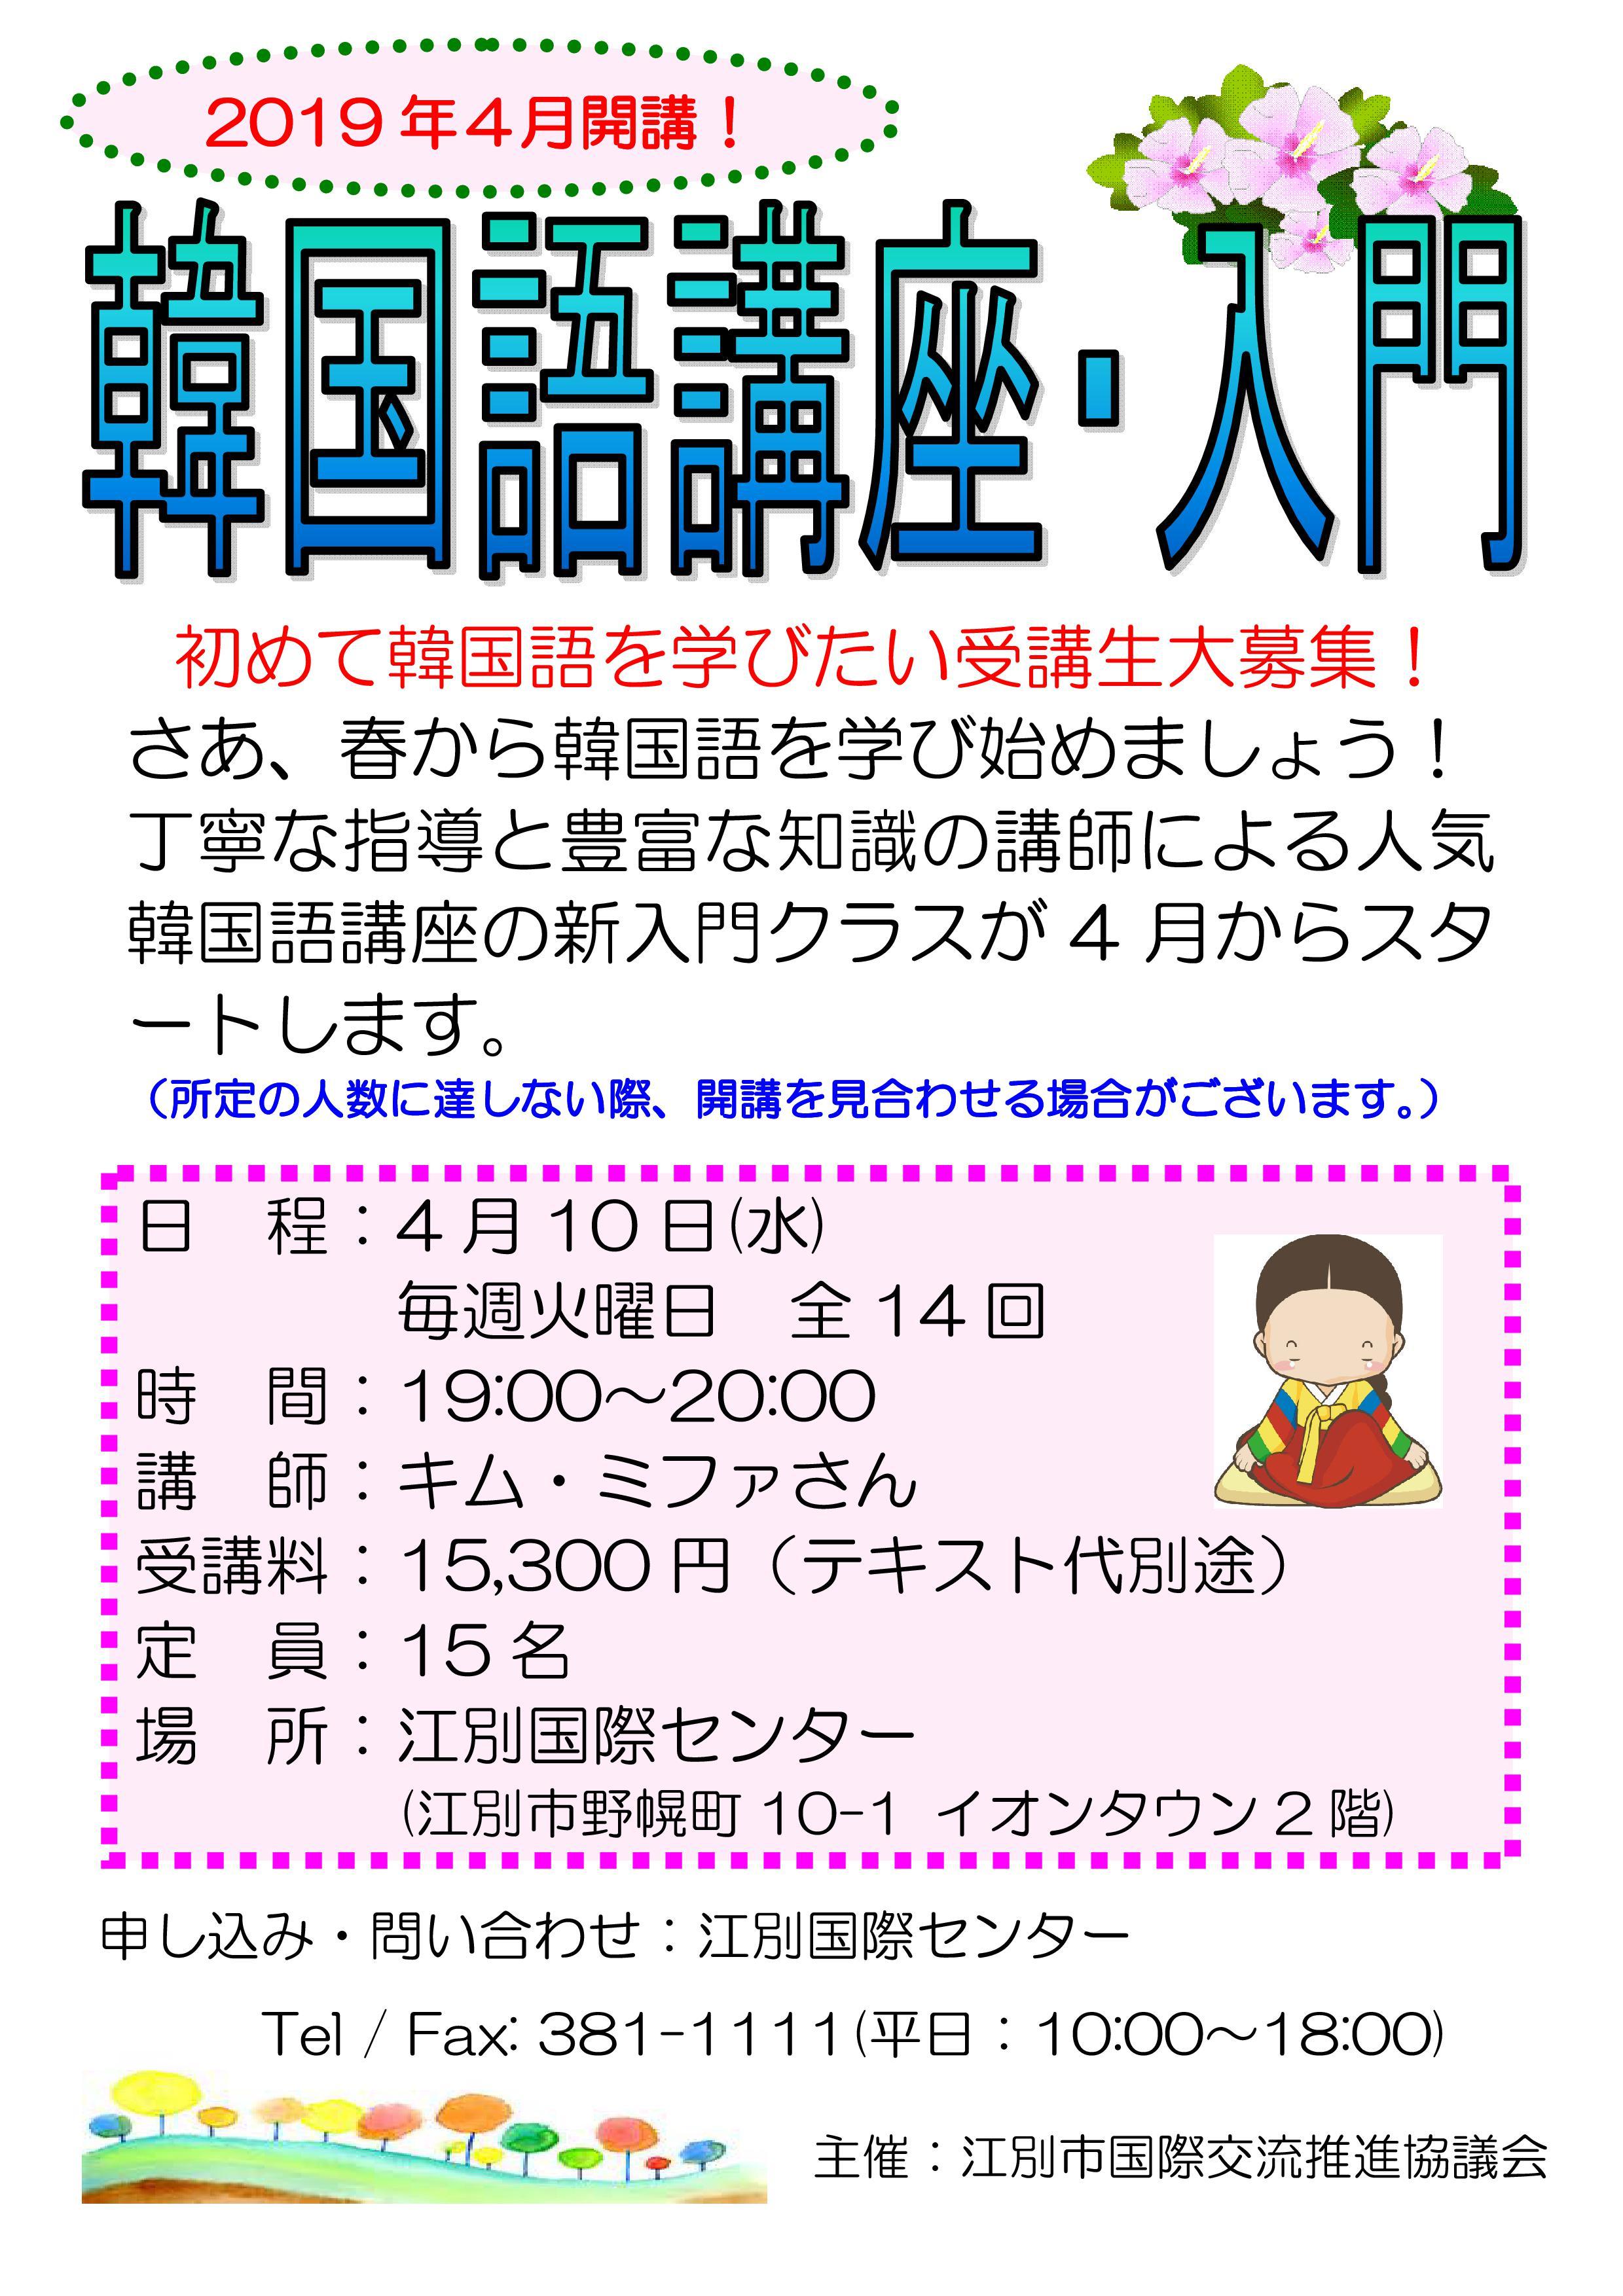 ★入門韓国語生徒募集★のイメージ